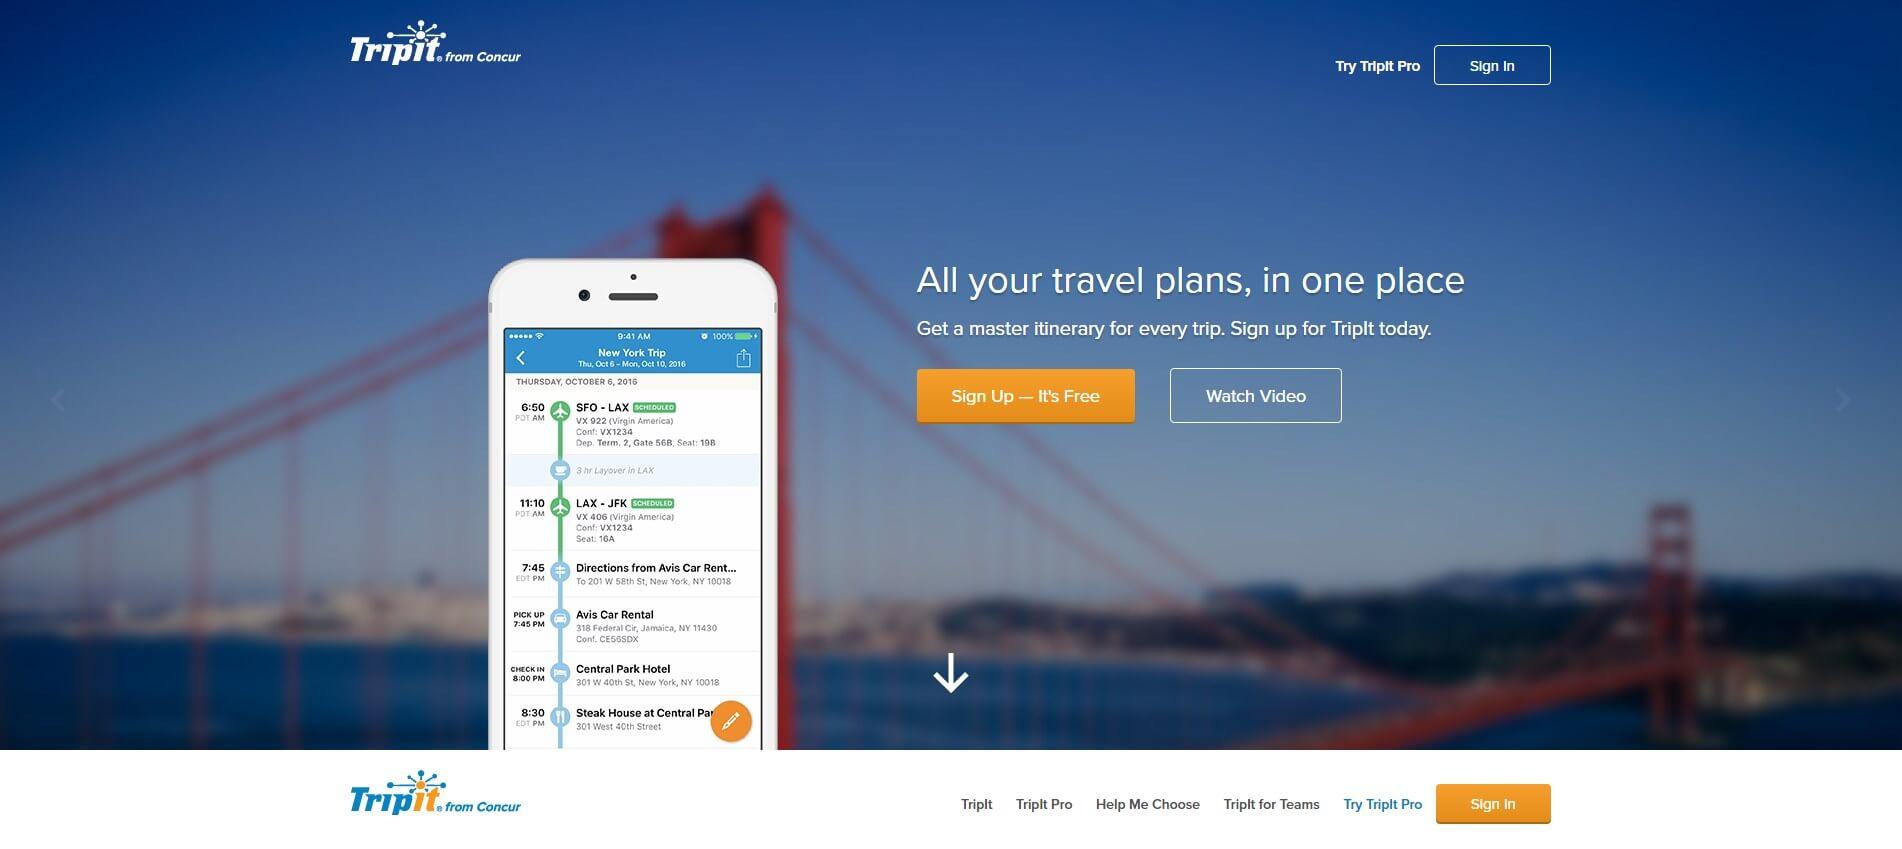 אפליקציות לעסקים tripit - אפליקציה מומלצת